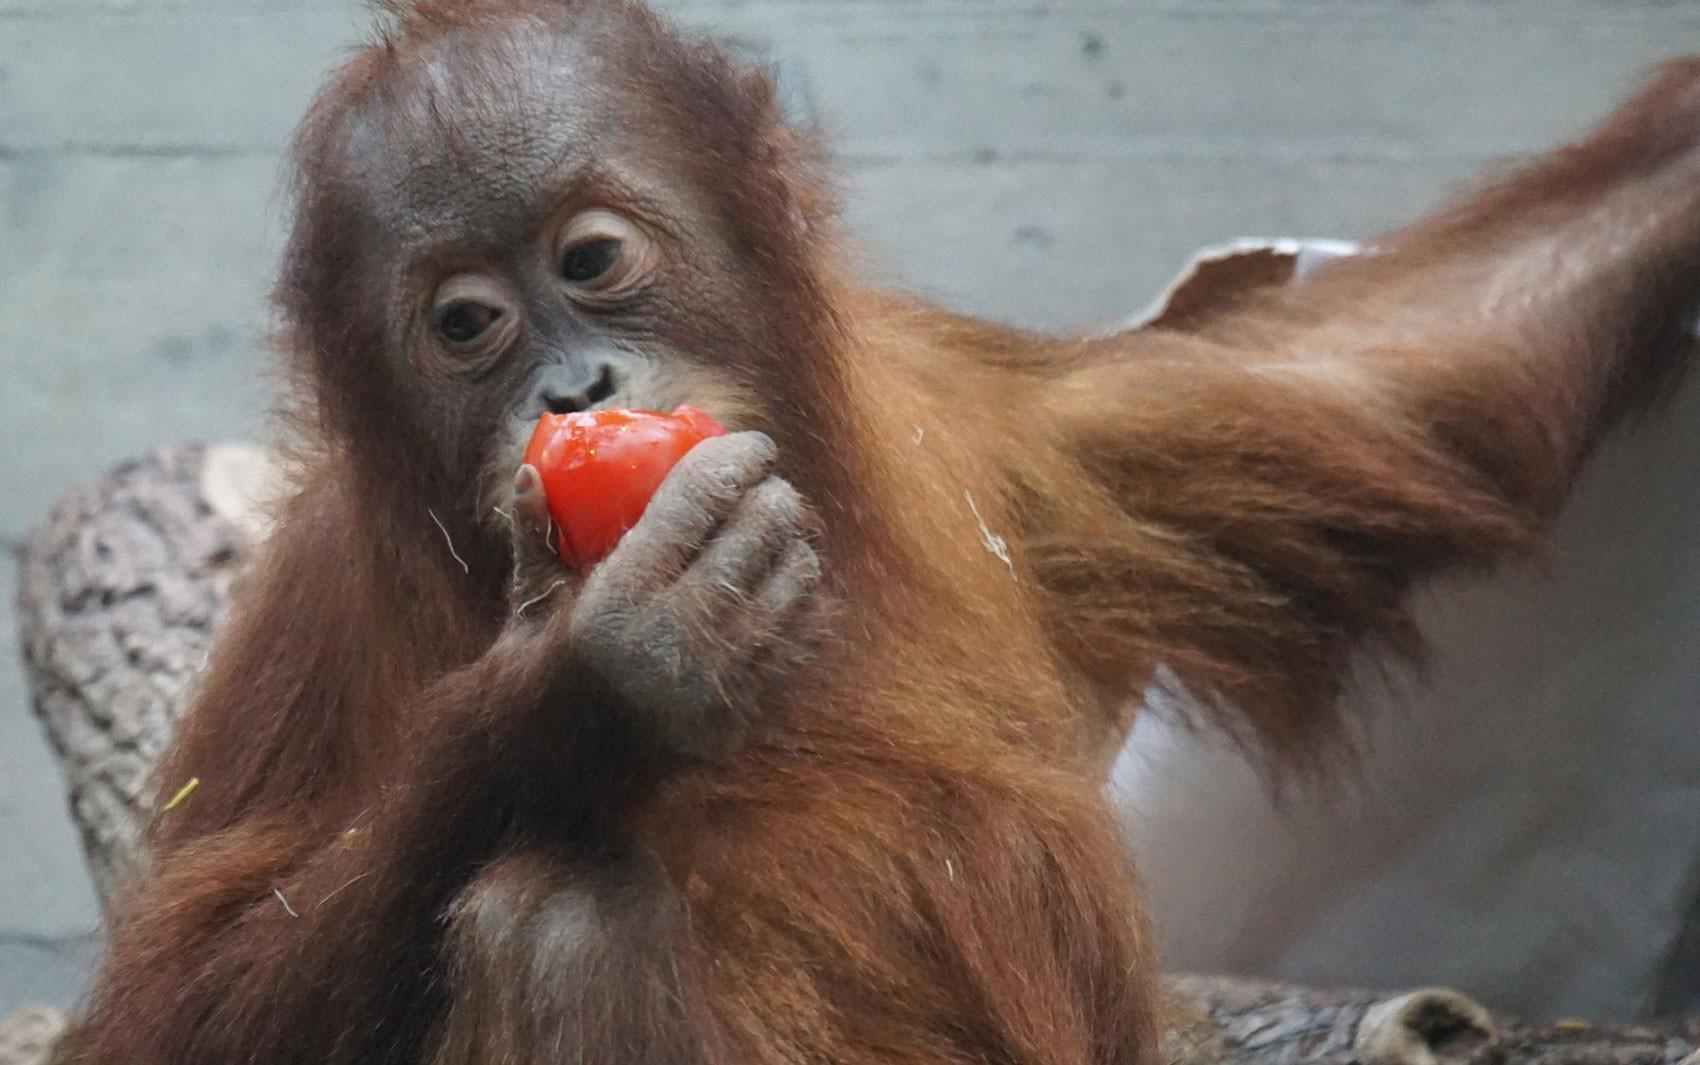 Como demanda por óleo de dendê ameaça orangotangos - e o enigma na busca por soluções